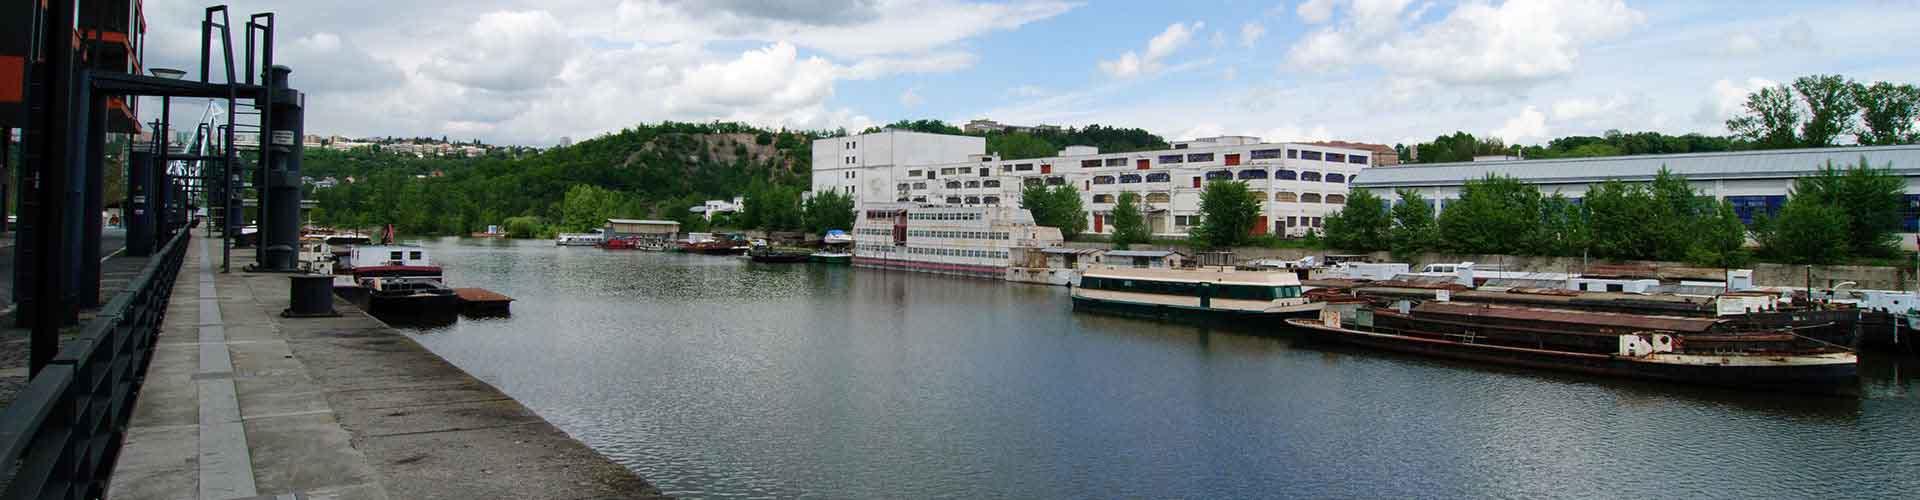 Praga - Hostales en el distrito Holesovice. Mapas de Praga, Fotos y comentarios de cada hostal en Praga.